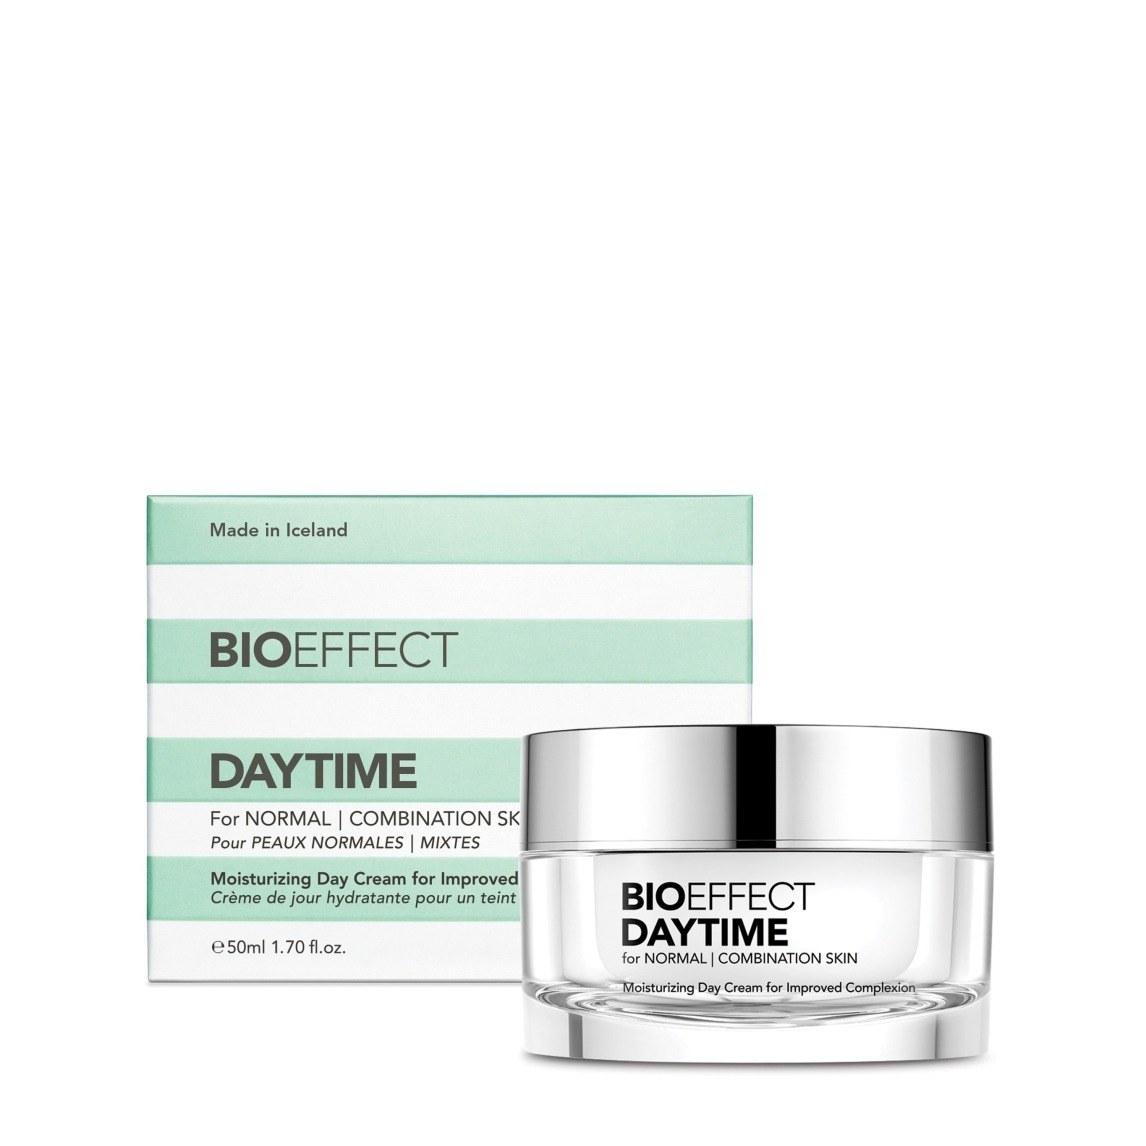 Bioeffect Daytime